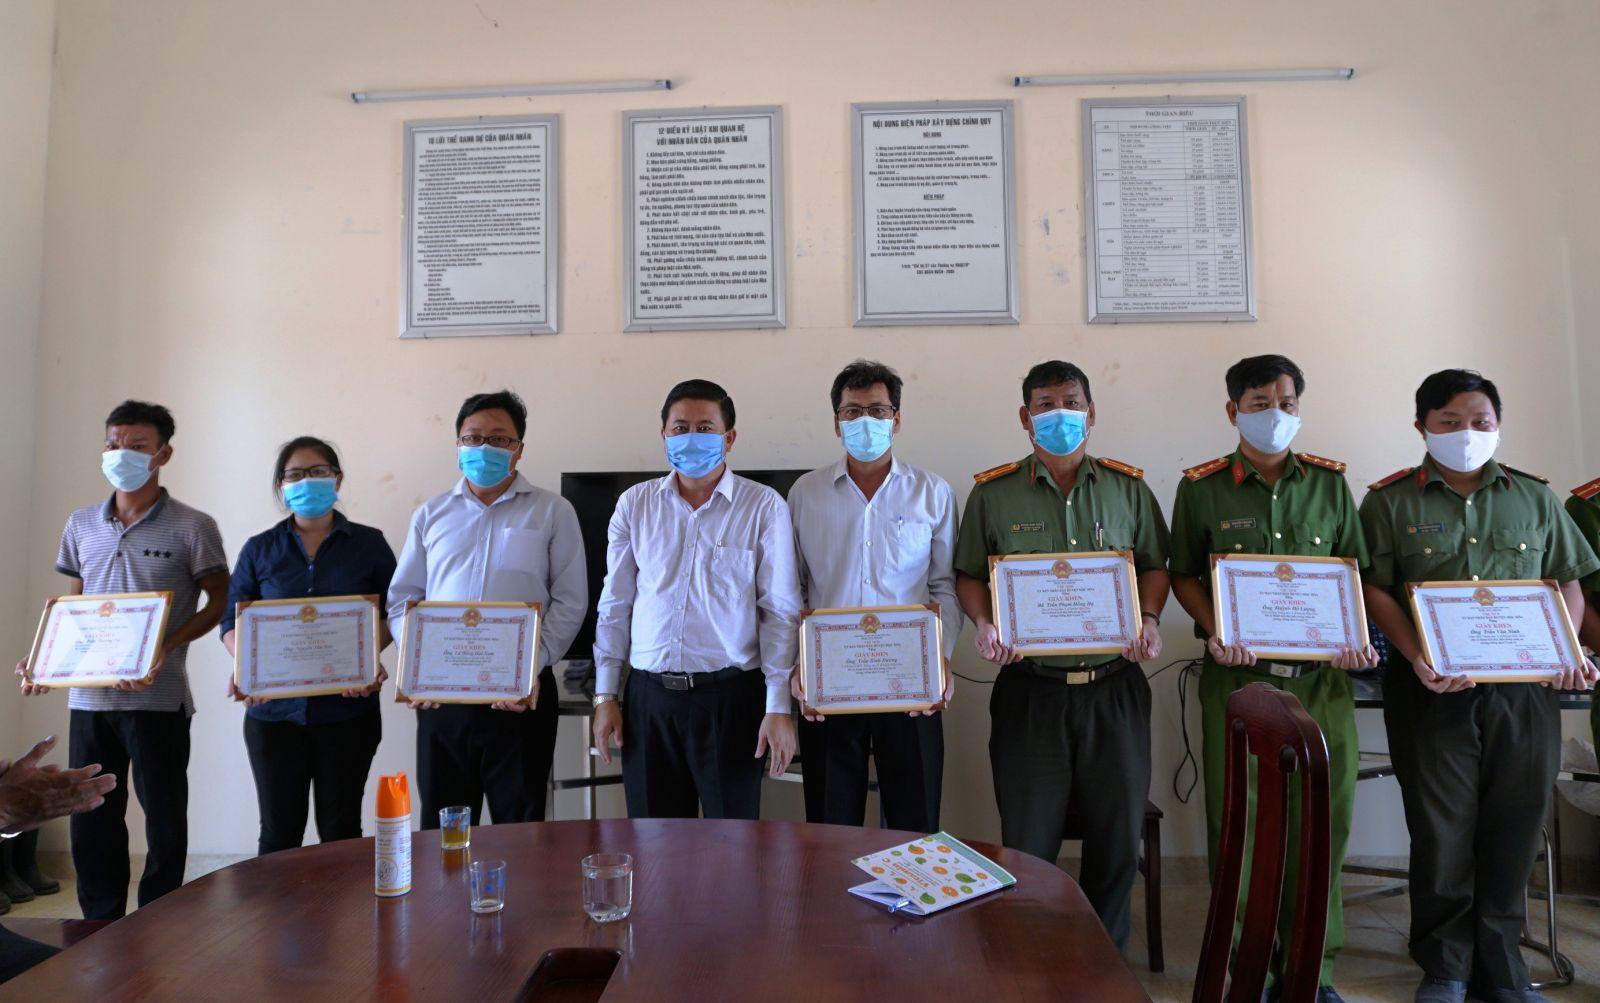 Chủ tịch UBND huyện Mộc Hóa - Lâm Hòa Xứng tặng giấy khen cho các cá nhân